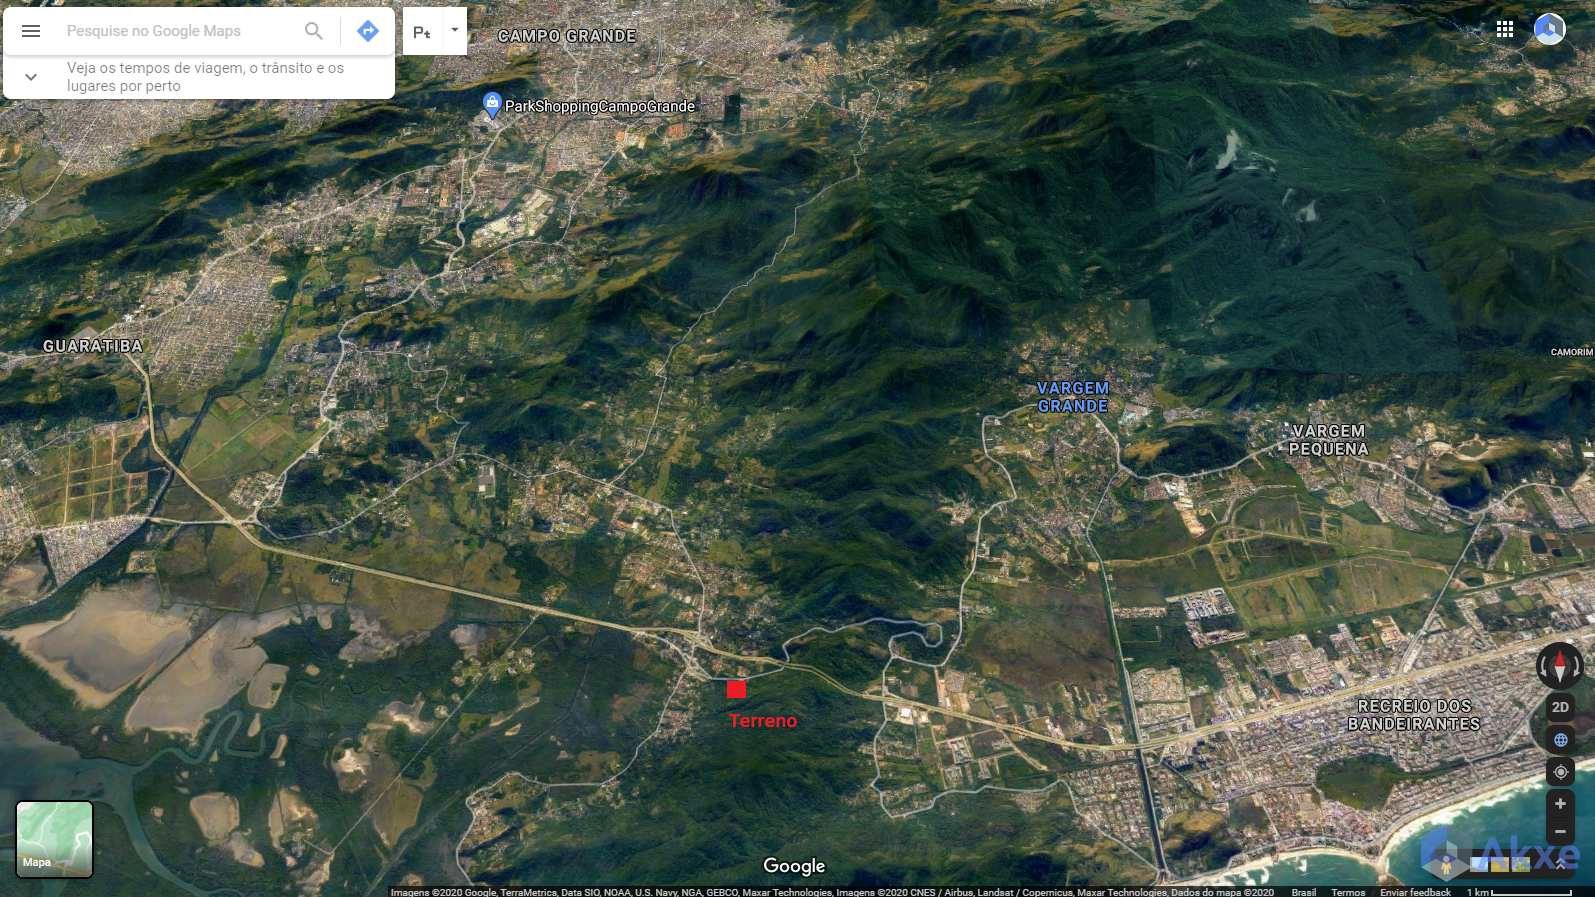 Terreno, Barra de Guaratiba, Rio de Janeiro - R$ 3 mi, Cod: 73